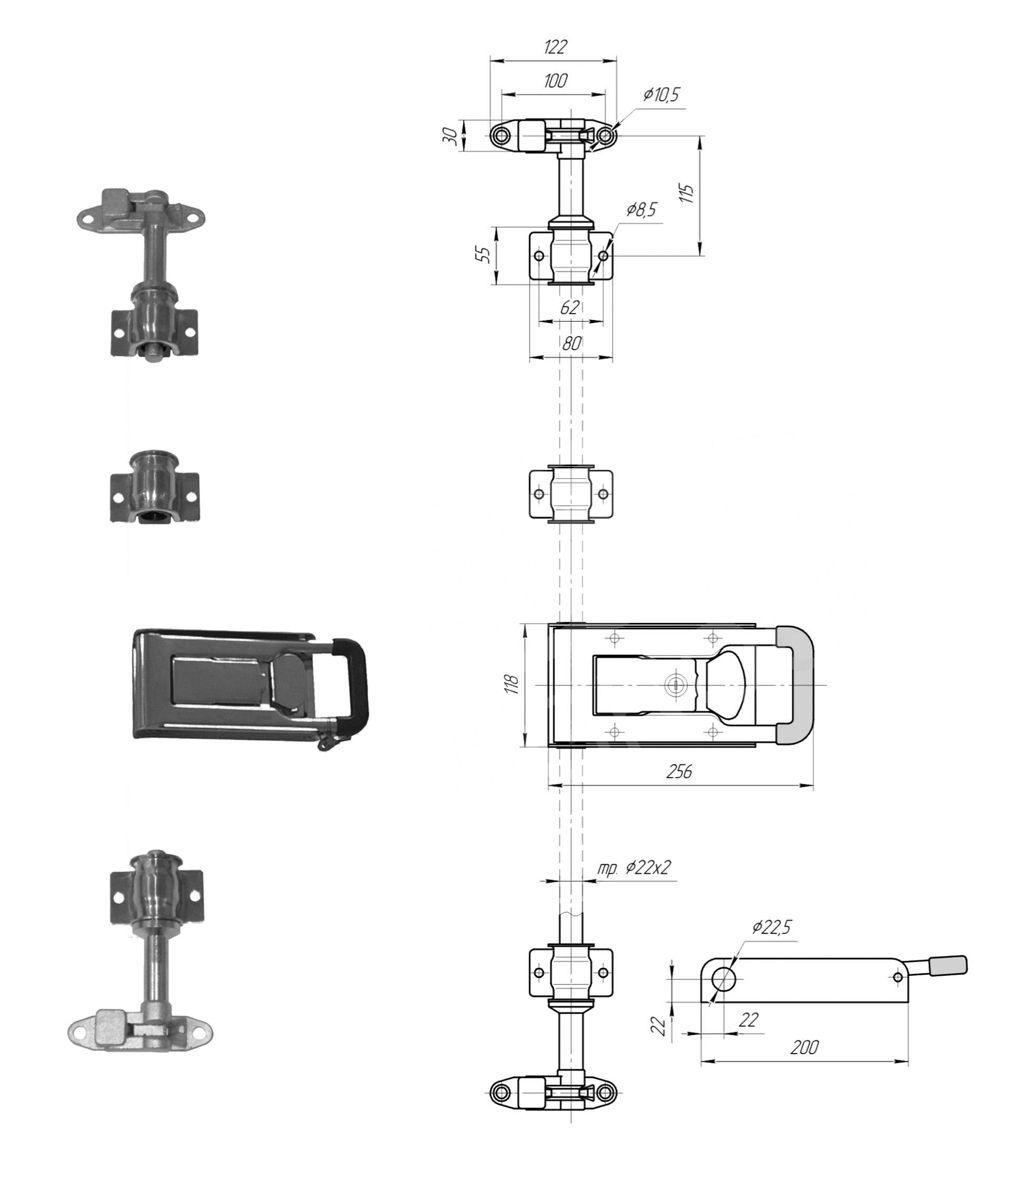 Запор штанговый 22 мм Zn ручка Push (Арт: 25300)